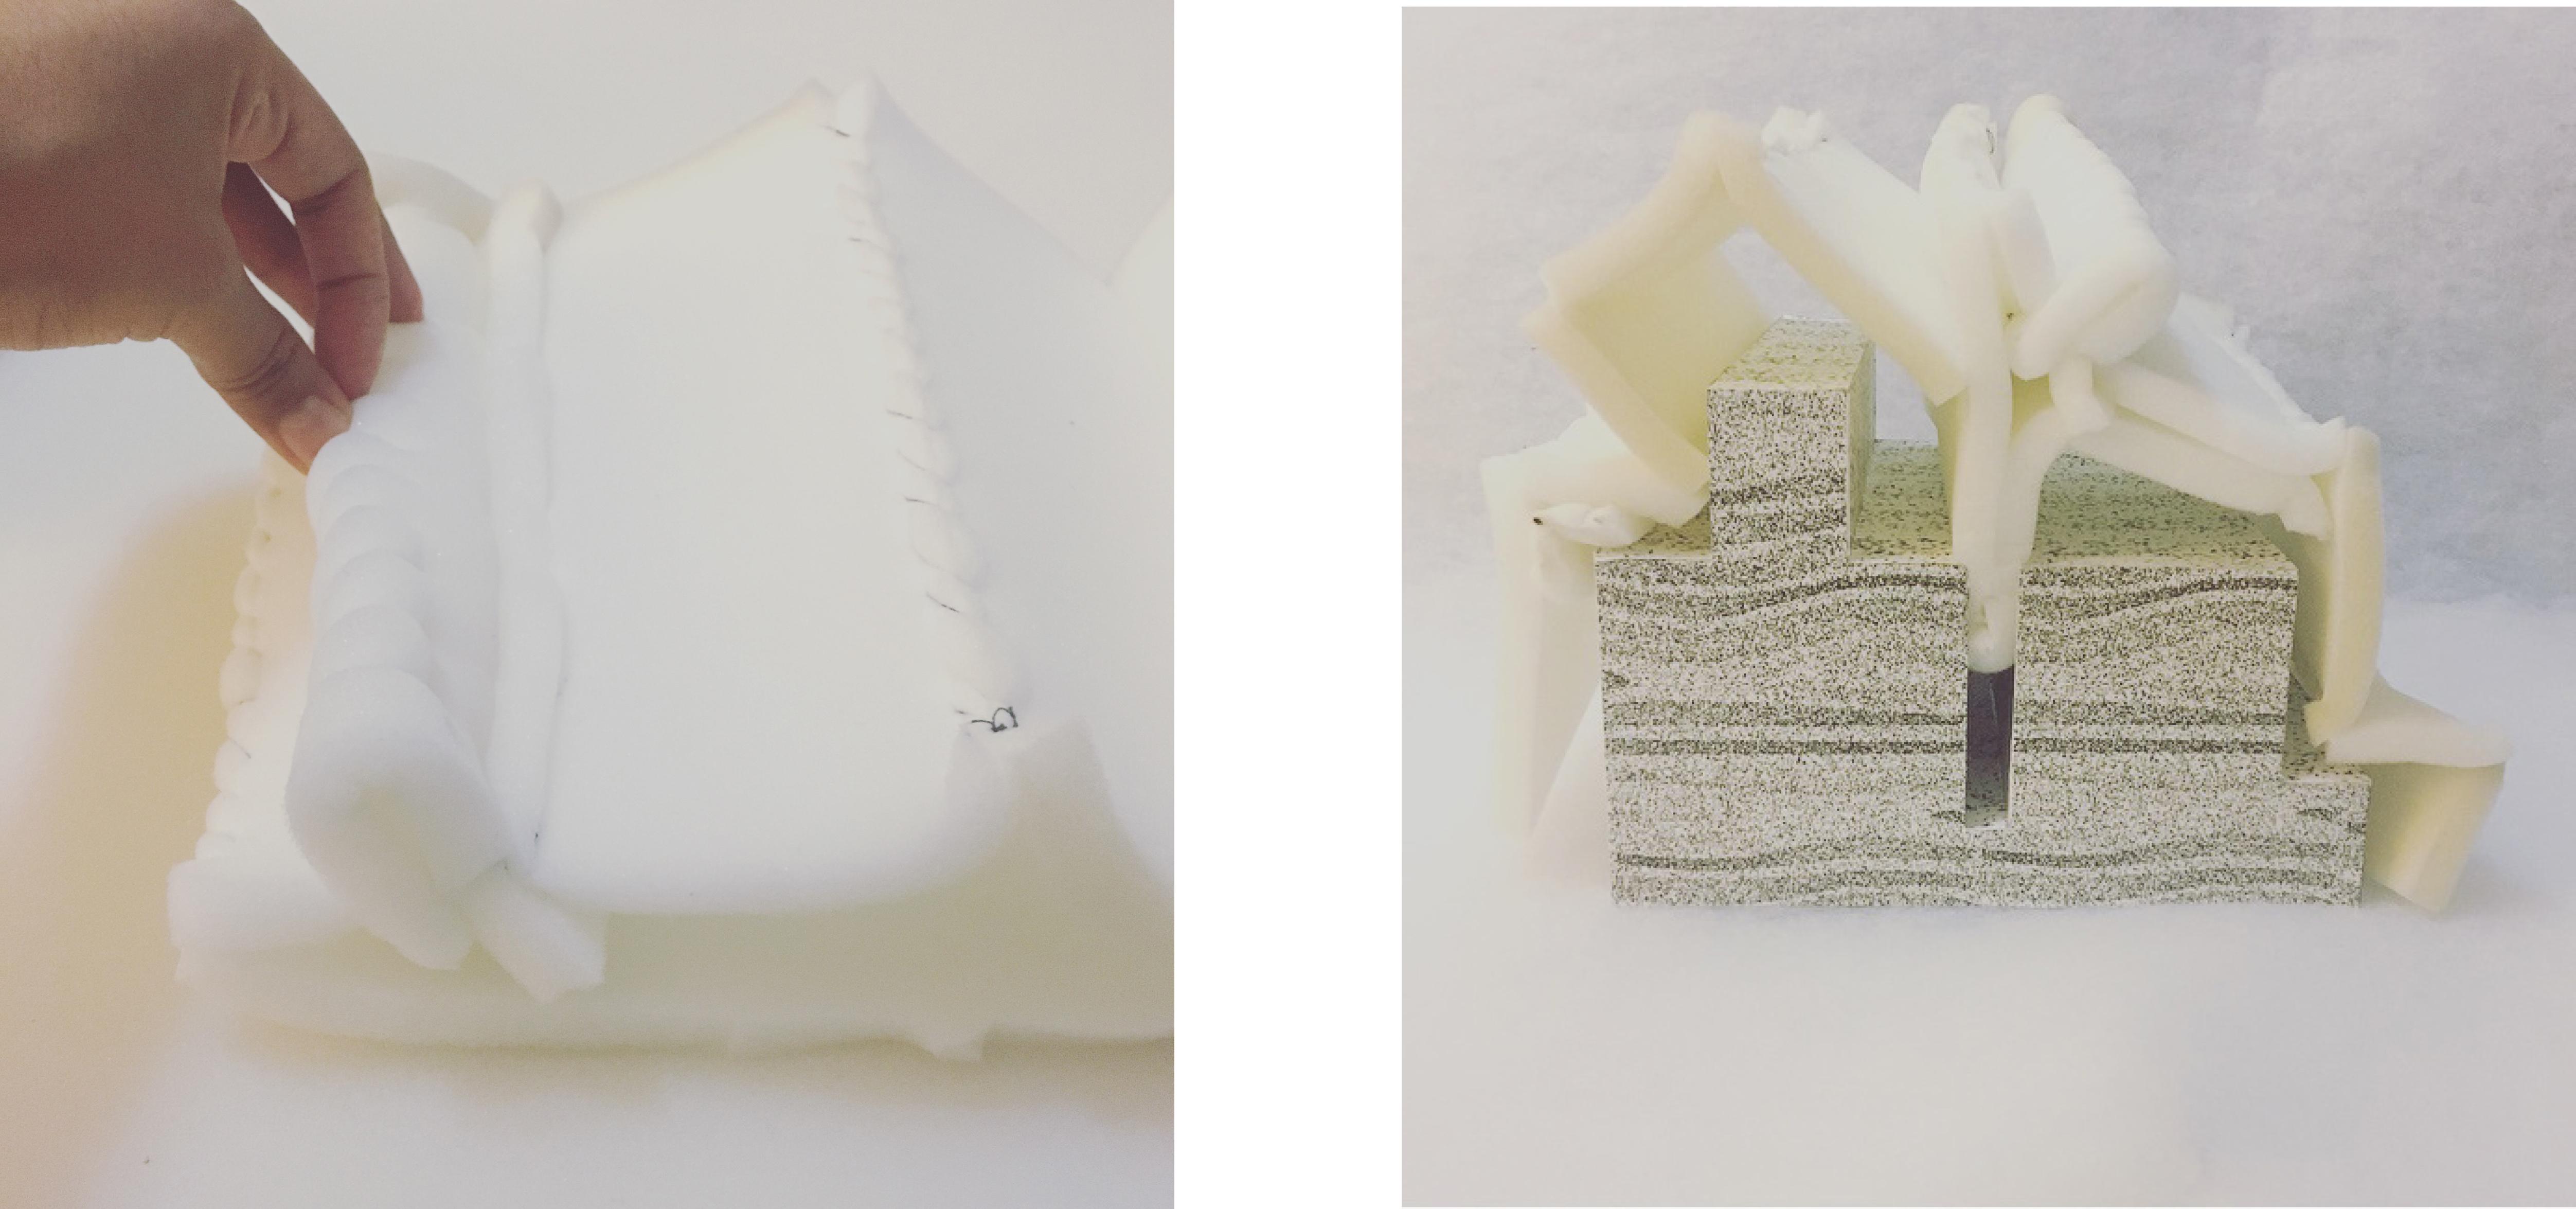 fluid geometry by foam driven by solid geometry